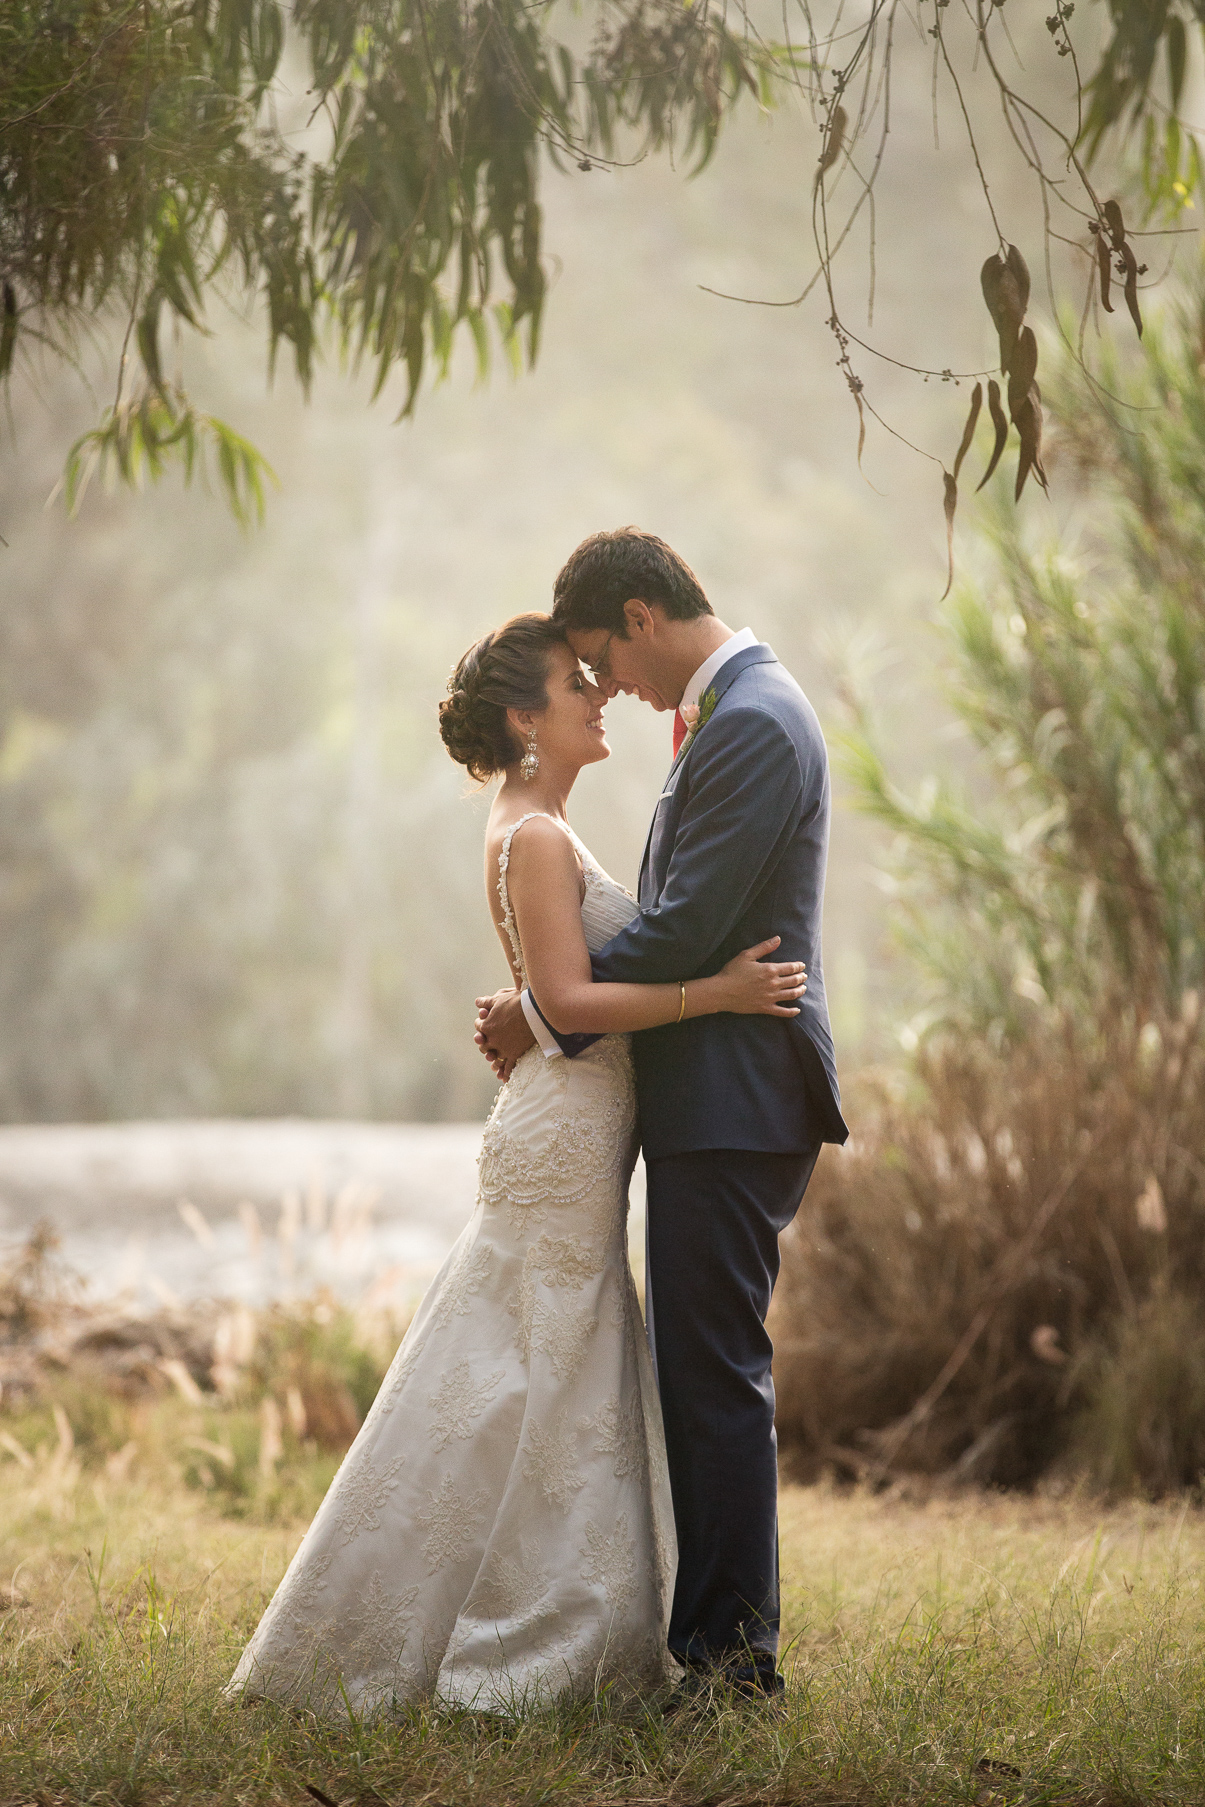 Wedding Moments - El mejor paquete para una boda pequeña pero con gran potencial y emoción. Incluye 5 horas de cobertura. De 250 a 400 fotos en la entrega final. Galería online por 1 mes.Precio: 800 USD